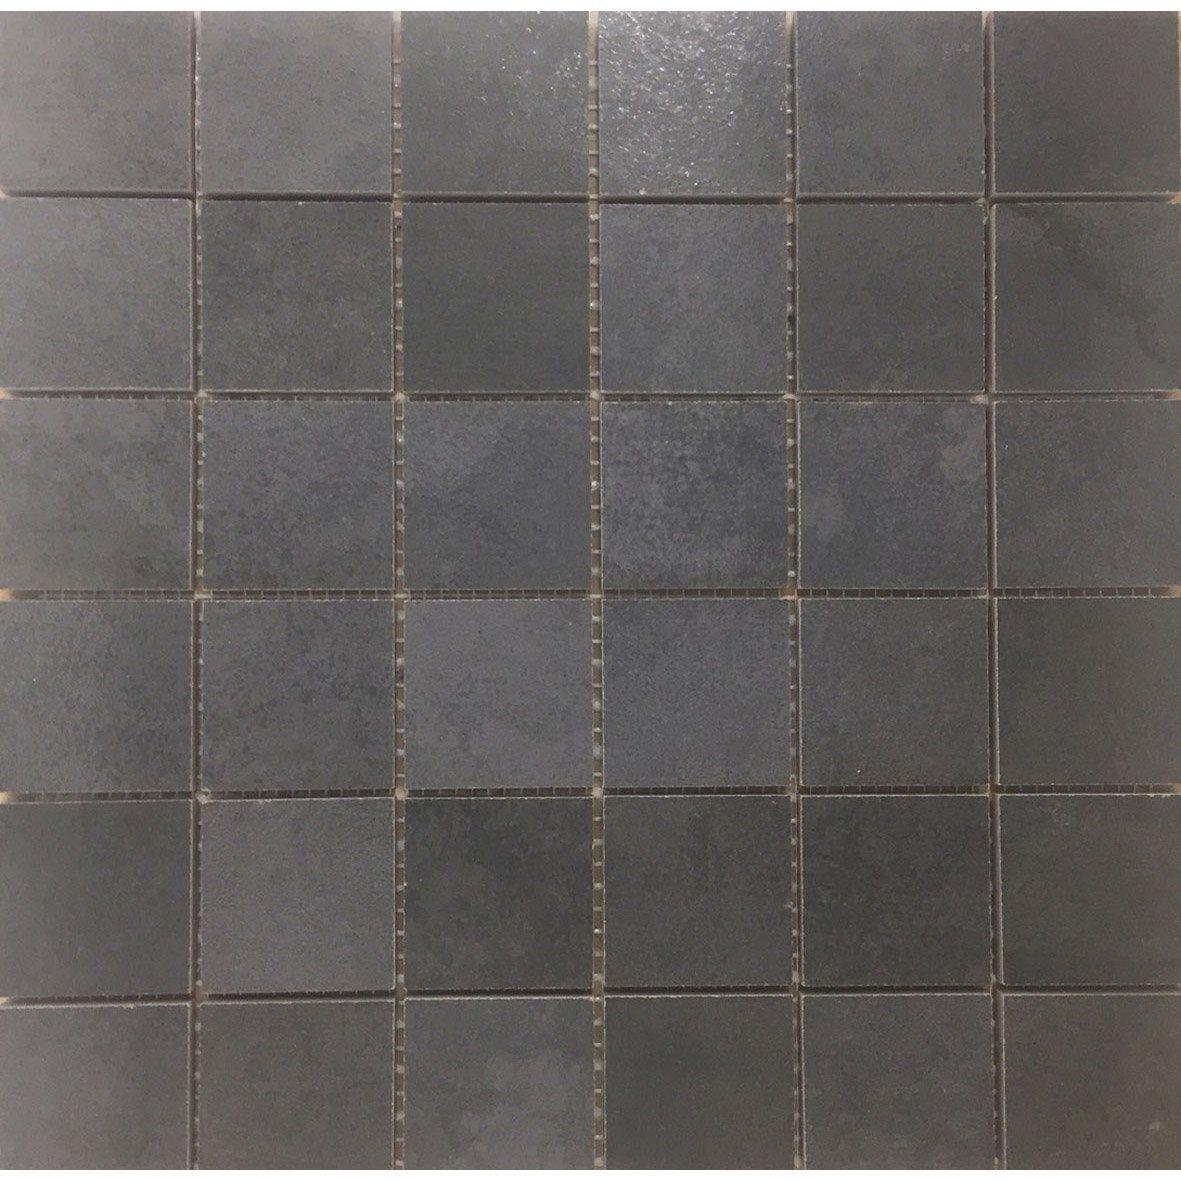 Mosaique Sol Et Mur Lamiera Noir 5 X 5 Cm Sol Et Mur